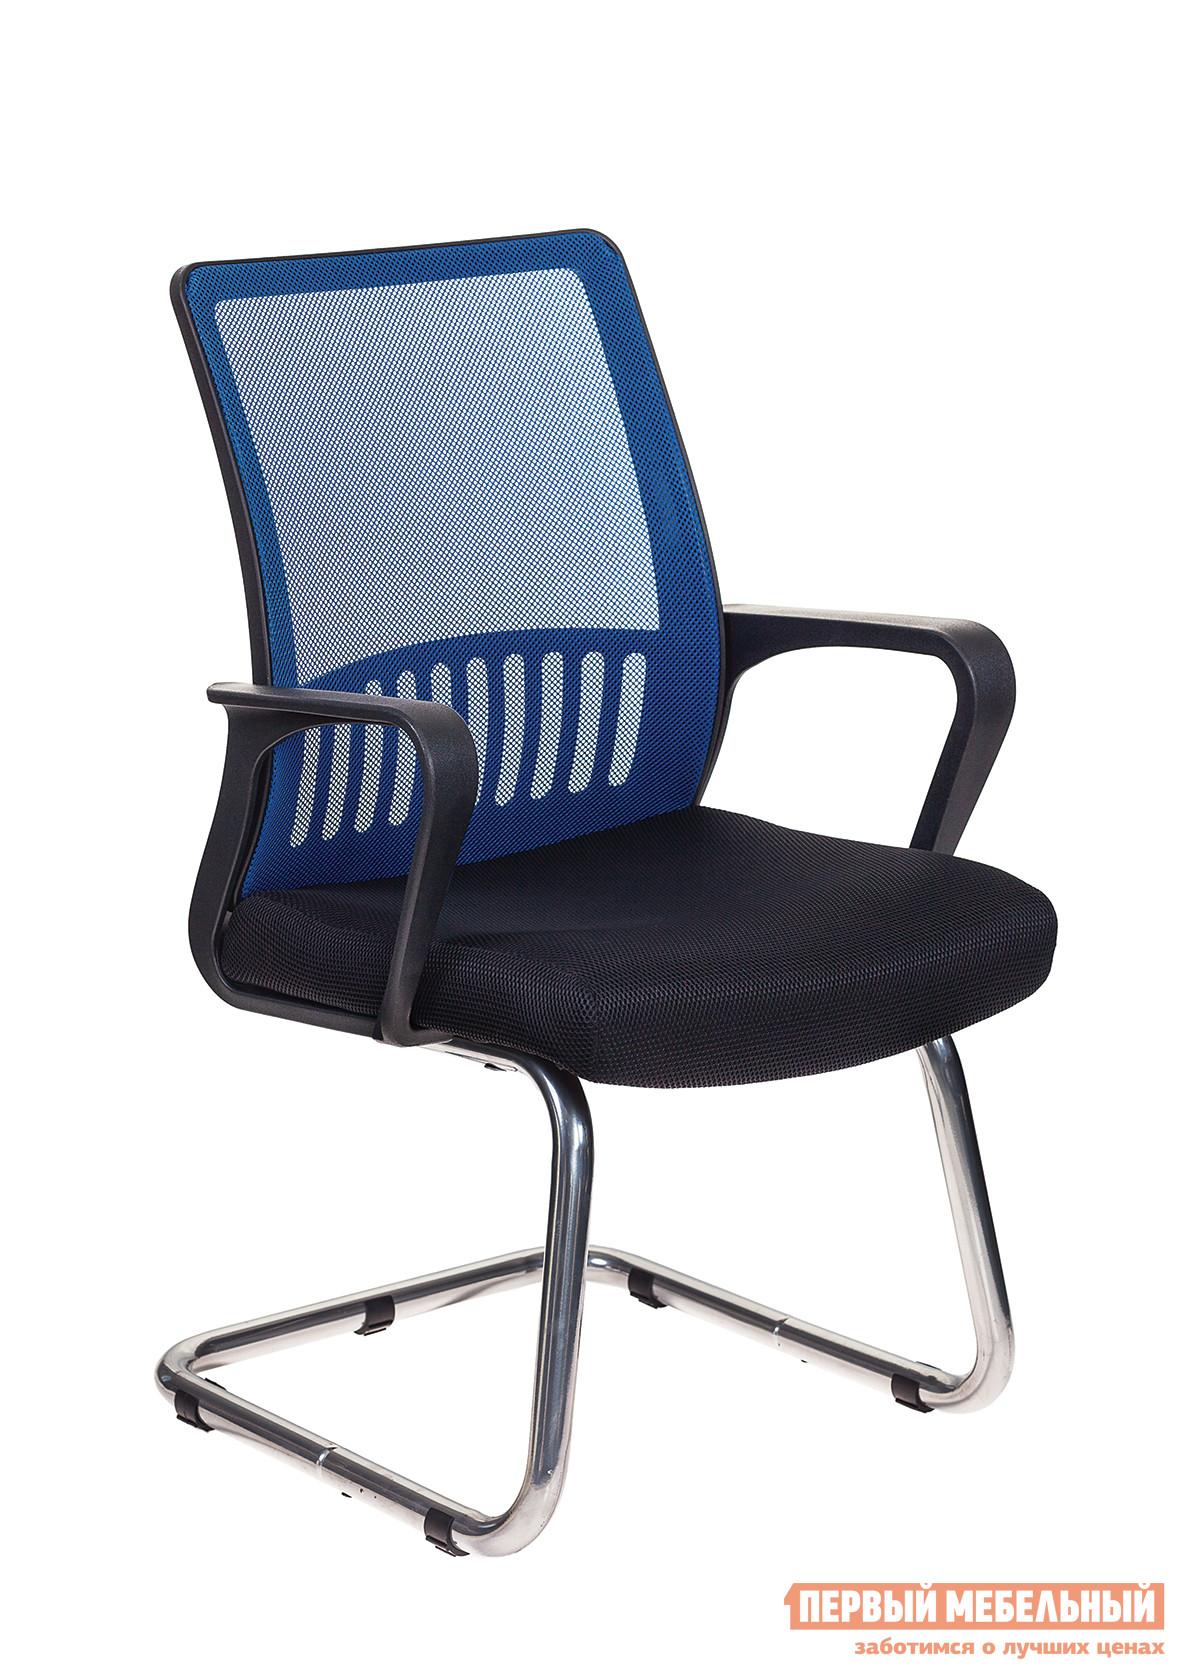 Офисный стул Бюрократ Кресло MC-209 офисный стул бюрократ t 8010 low v